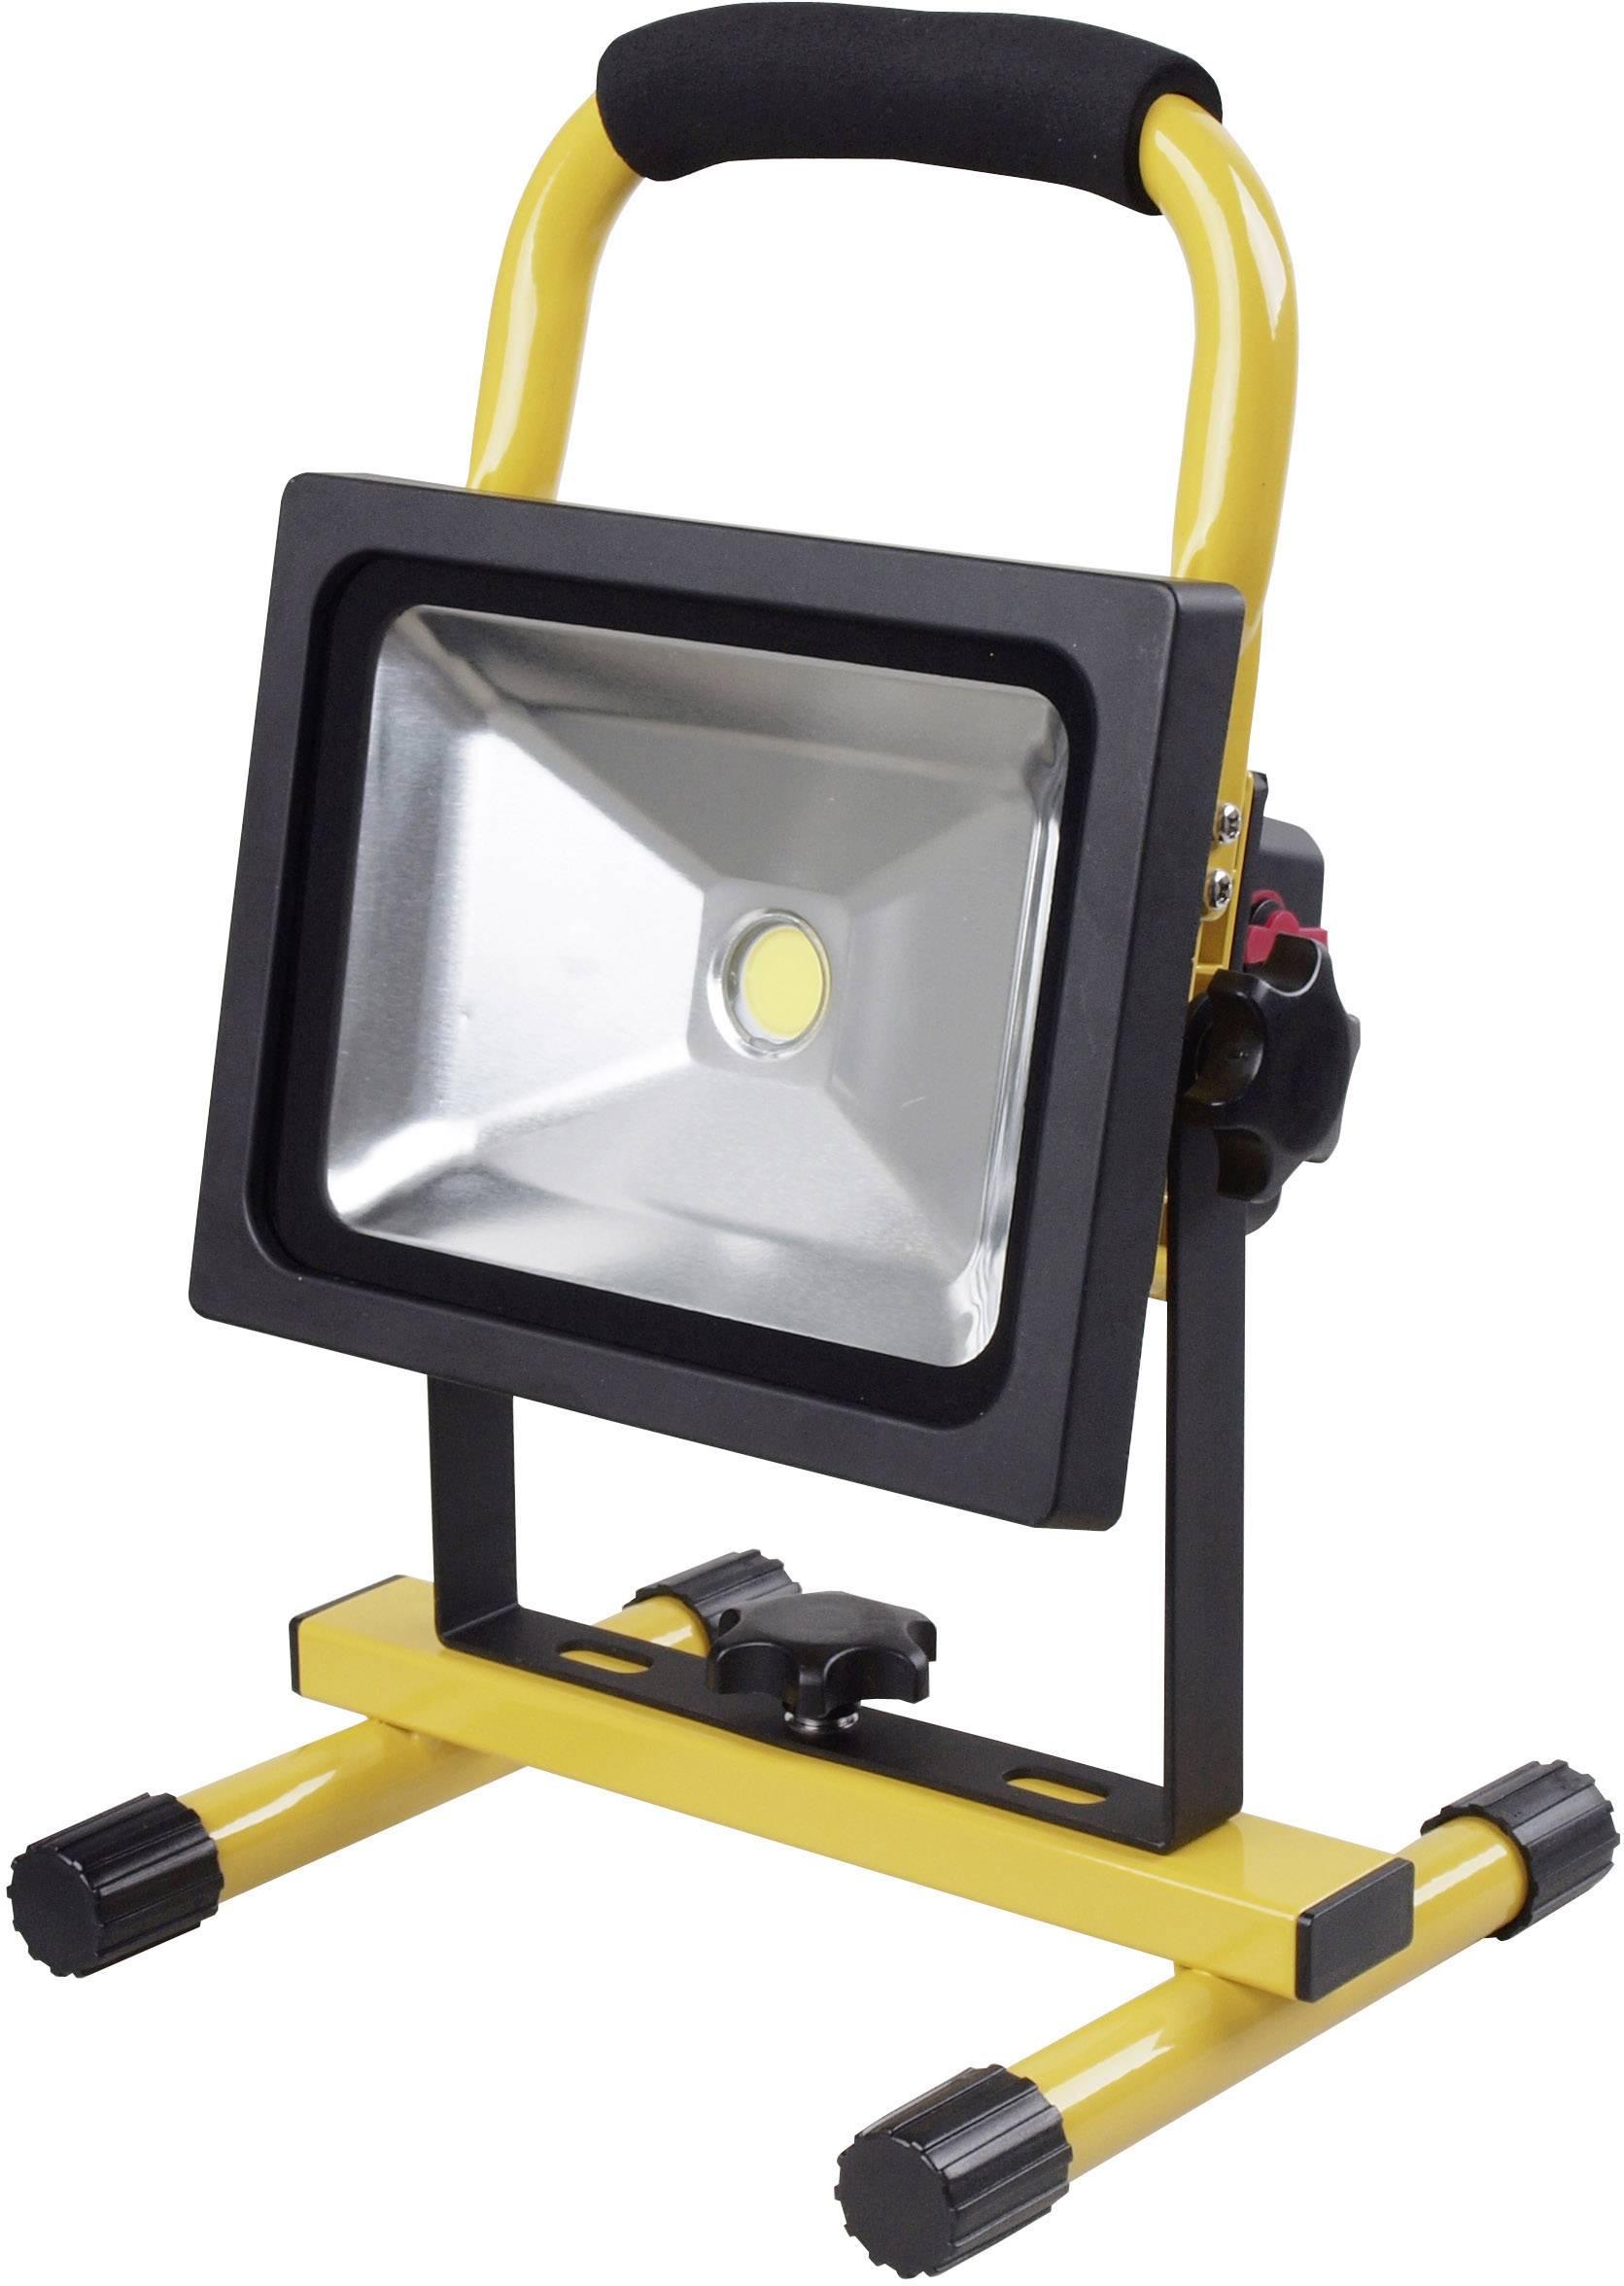 COB LED akumulátorové pracovní osvětlení Shada 300155, 20 W, 1500 lm